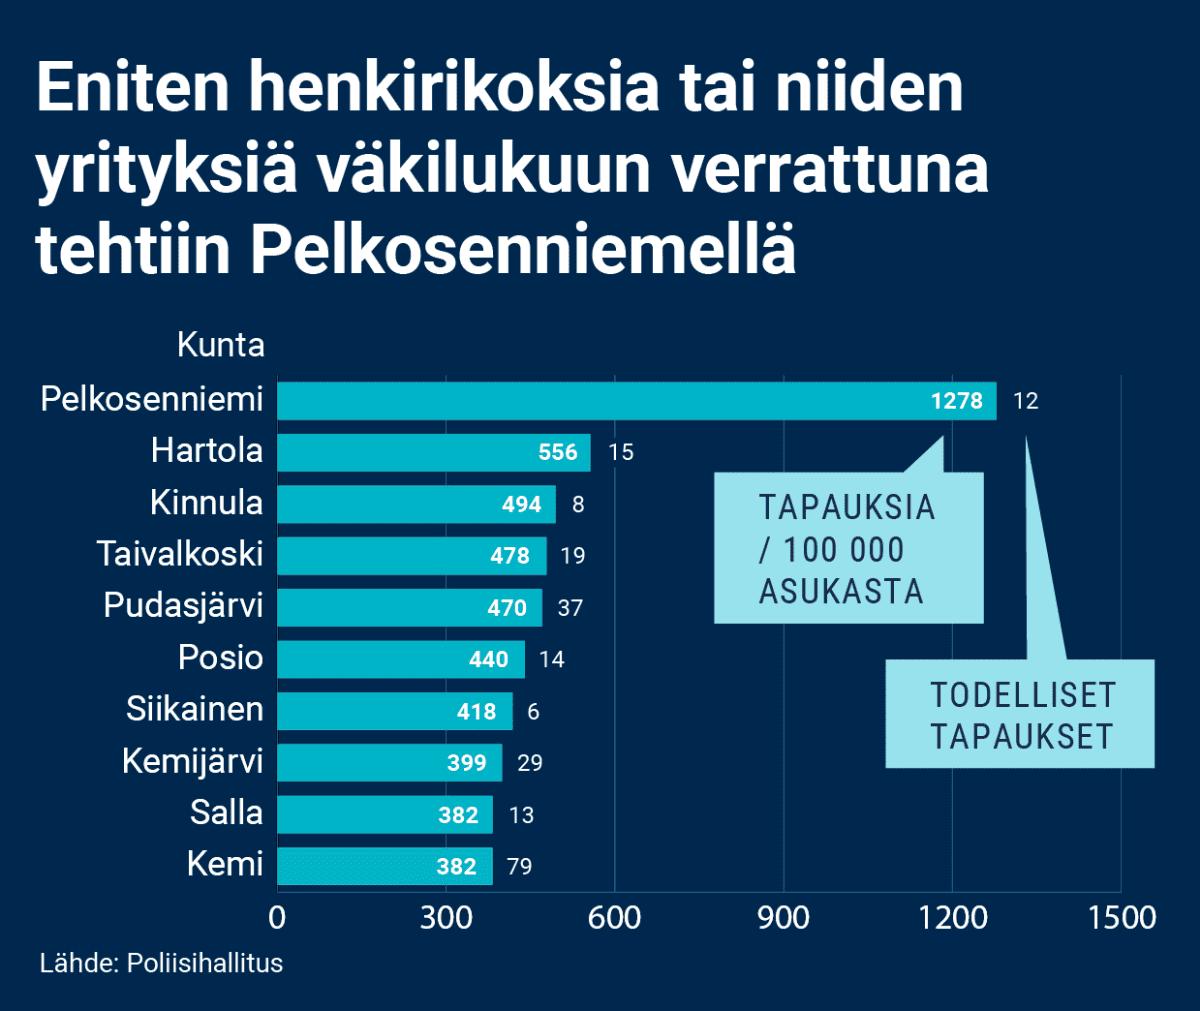 Palkkigrafiikka kunnista, joissa tehtiin eniten henkirikoksia tai niiden yrityksiä väkilukuun verrattuna vuosina 2000–2020. Eniten henkirikoksia tai niiden yrityksiä väkilukuun verrattuna tehtiin Pelkosenniemellä. Siellä tapauksia oli yhteensä 12 eli 1278 / 100 000 asukasta. Tilastoissa seuraavat kunnat ovat Hartola, Kinnula, Taivalkoski, Pudasjärvi, Posio, Siikainen, Kemijärvi, Salla, ja Kemi.